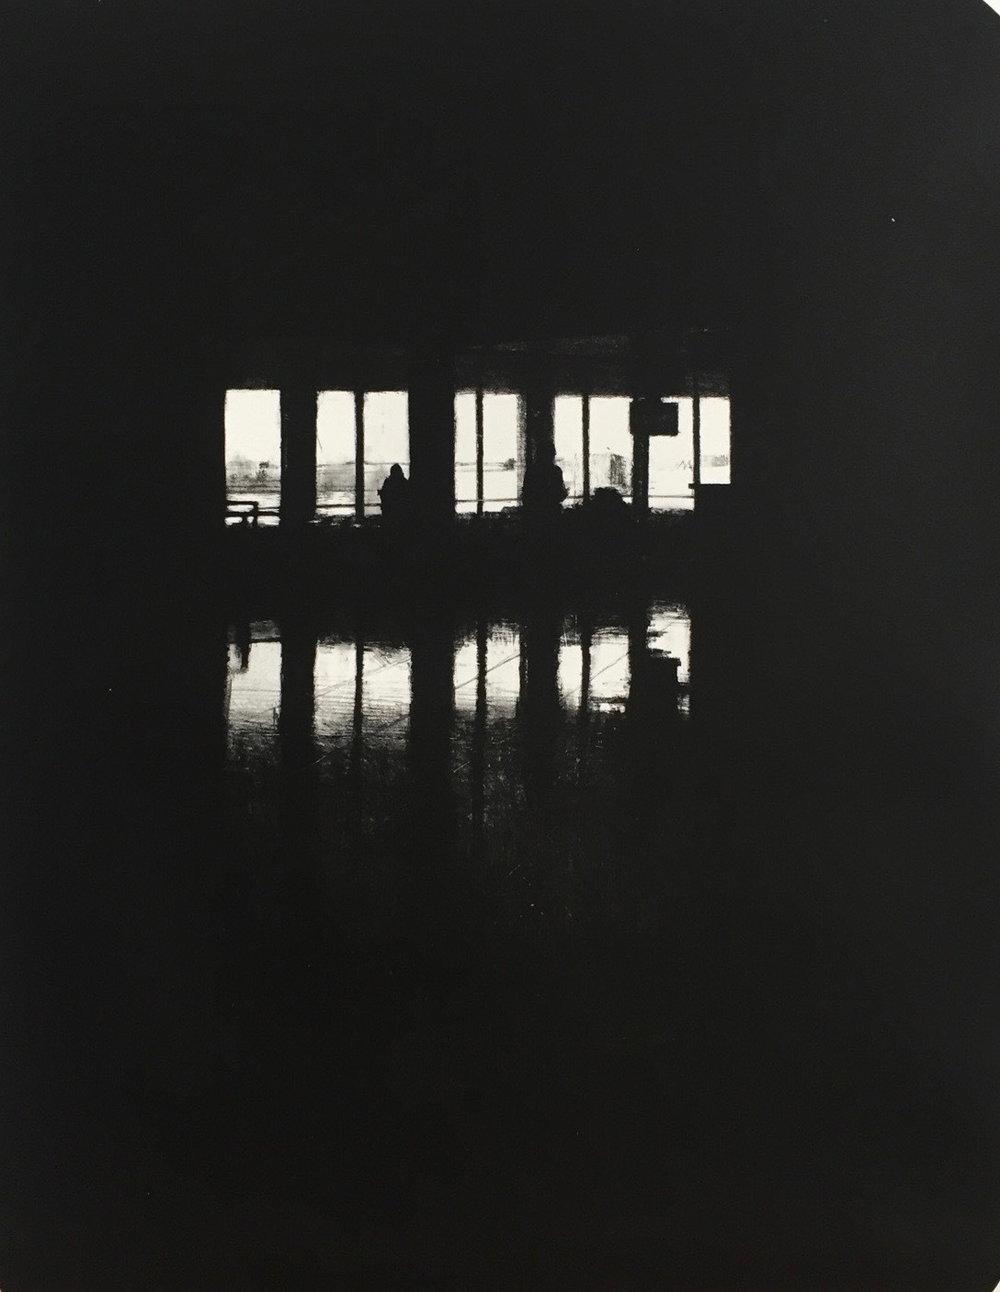 Departures II (JFK), 2016, lithograph, 55cm x 75cm